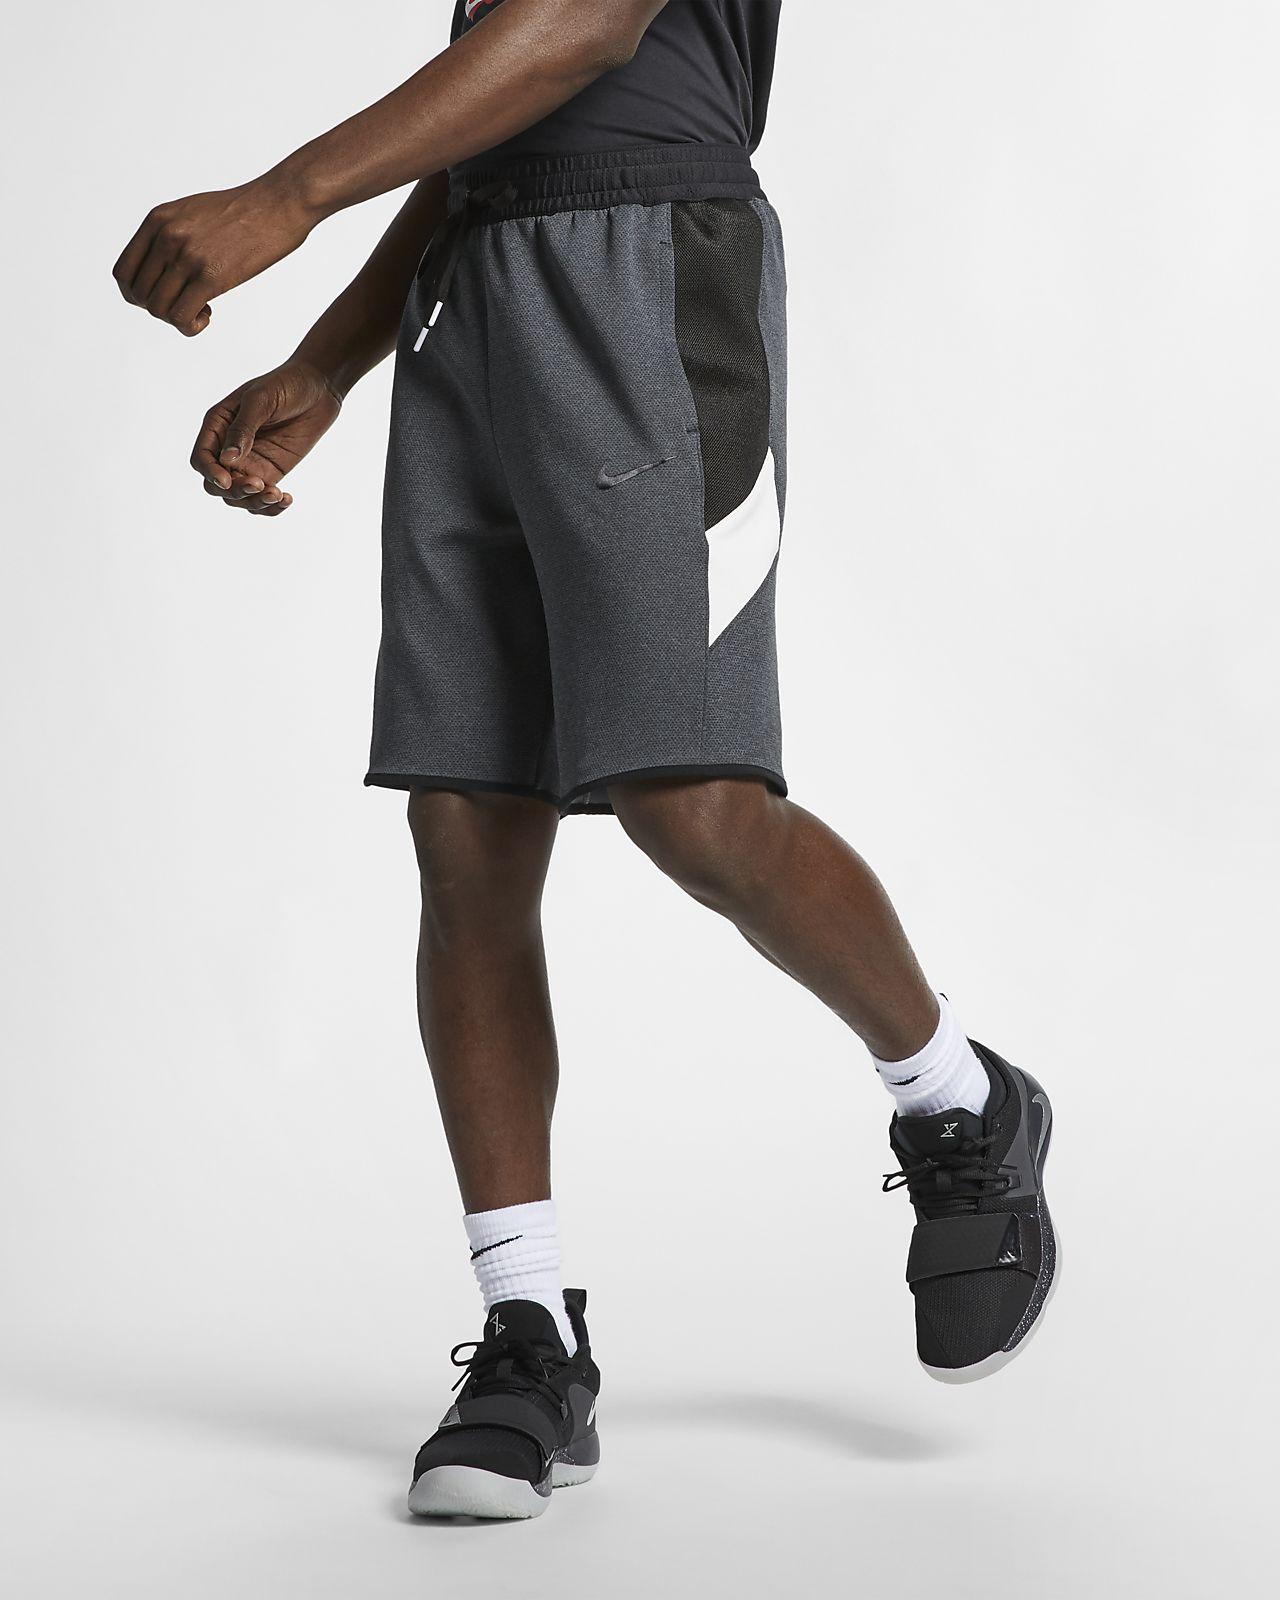 Calções de basquetebol Nike Therma Flex Showtime para homem